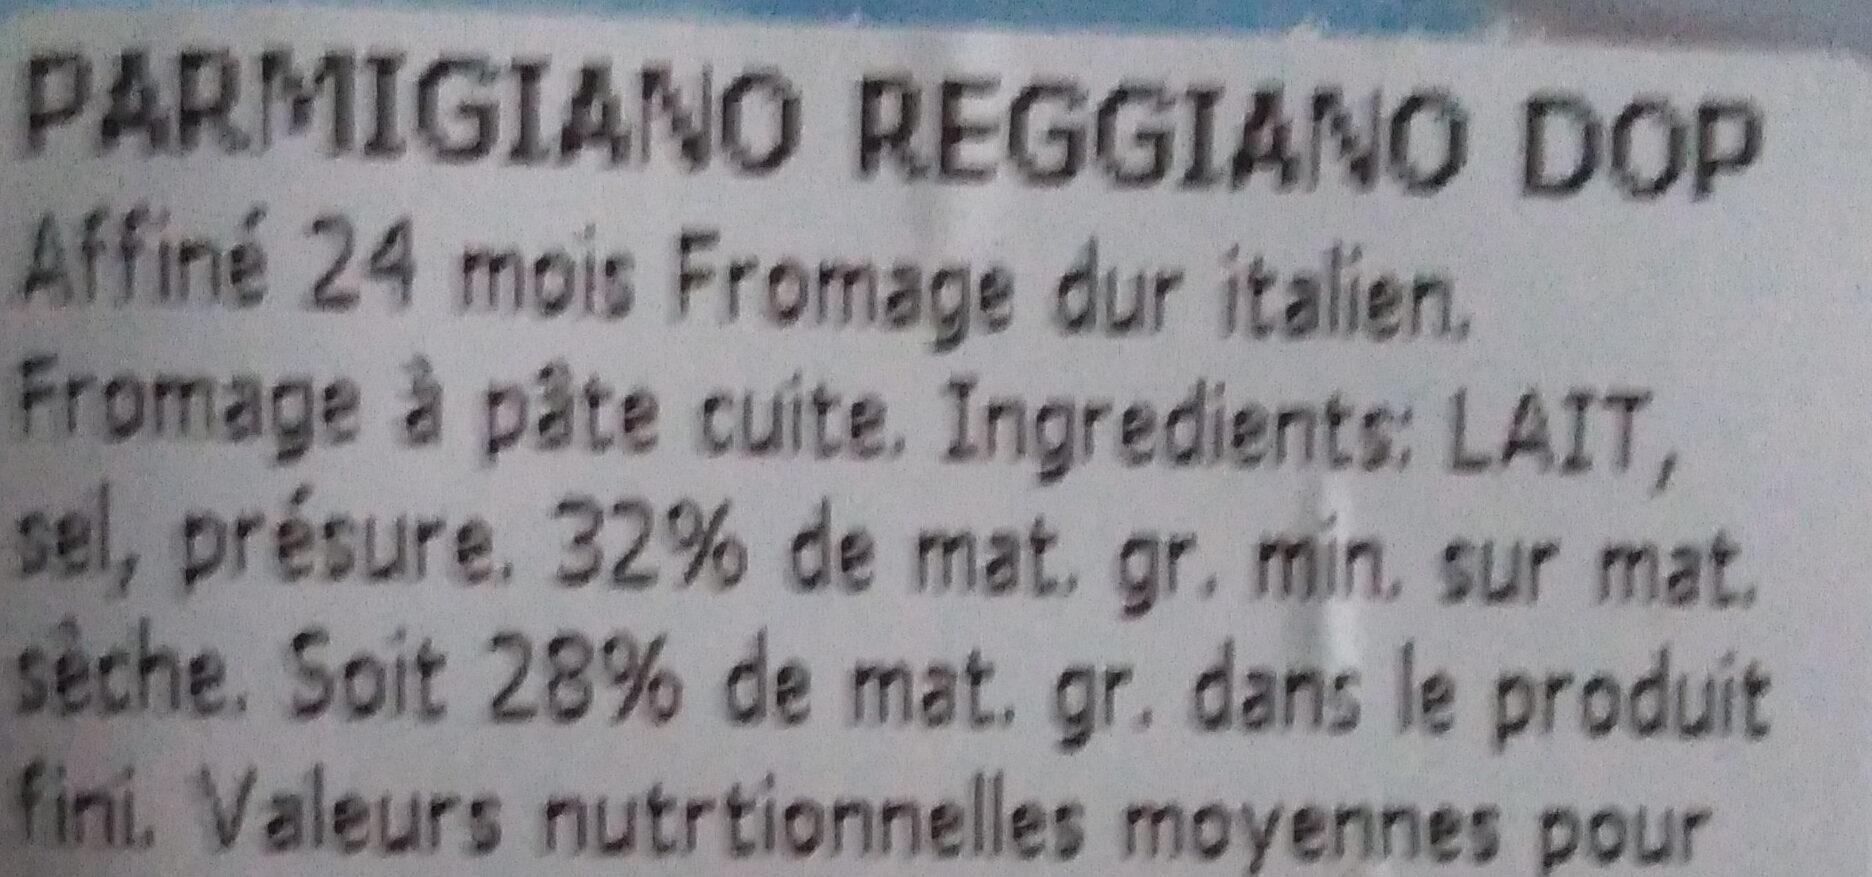 Parmigiano Reggiano 24 M - Ingrédients - fr